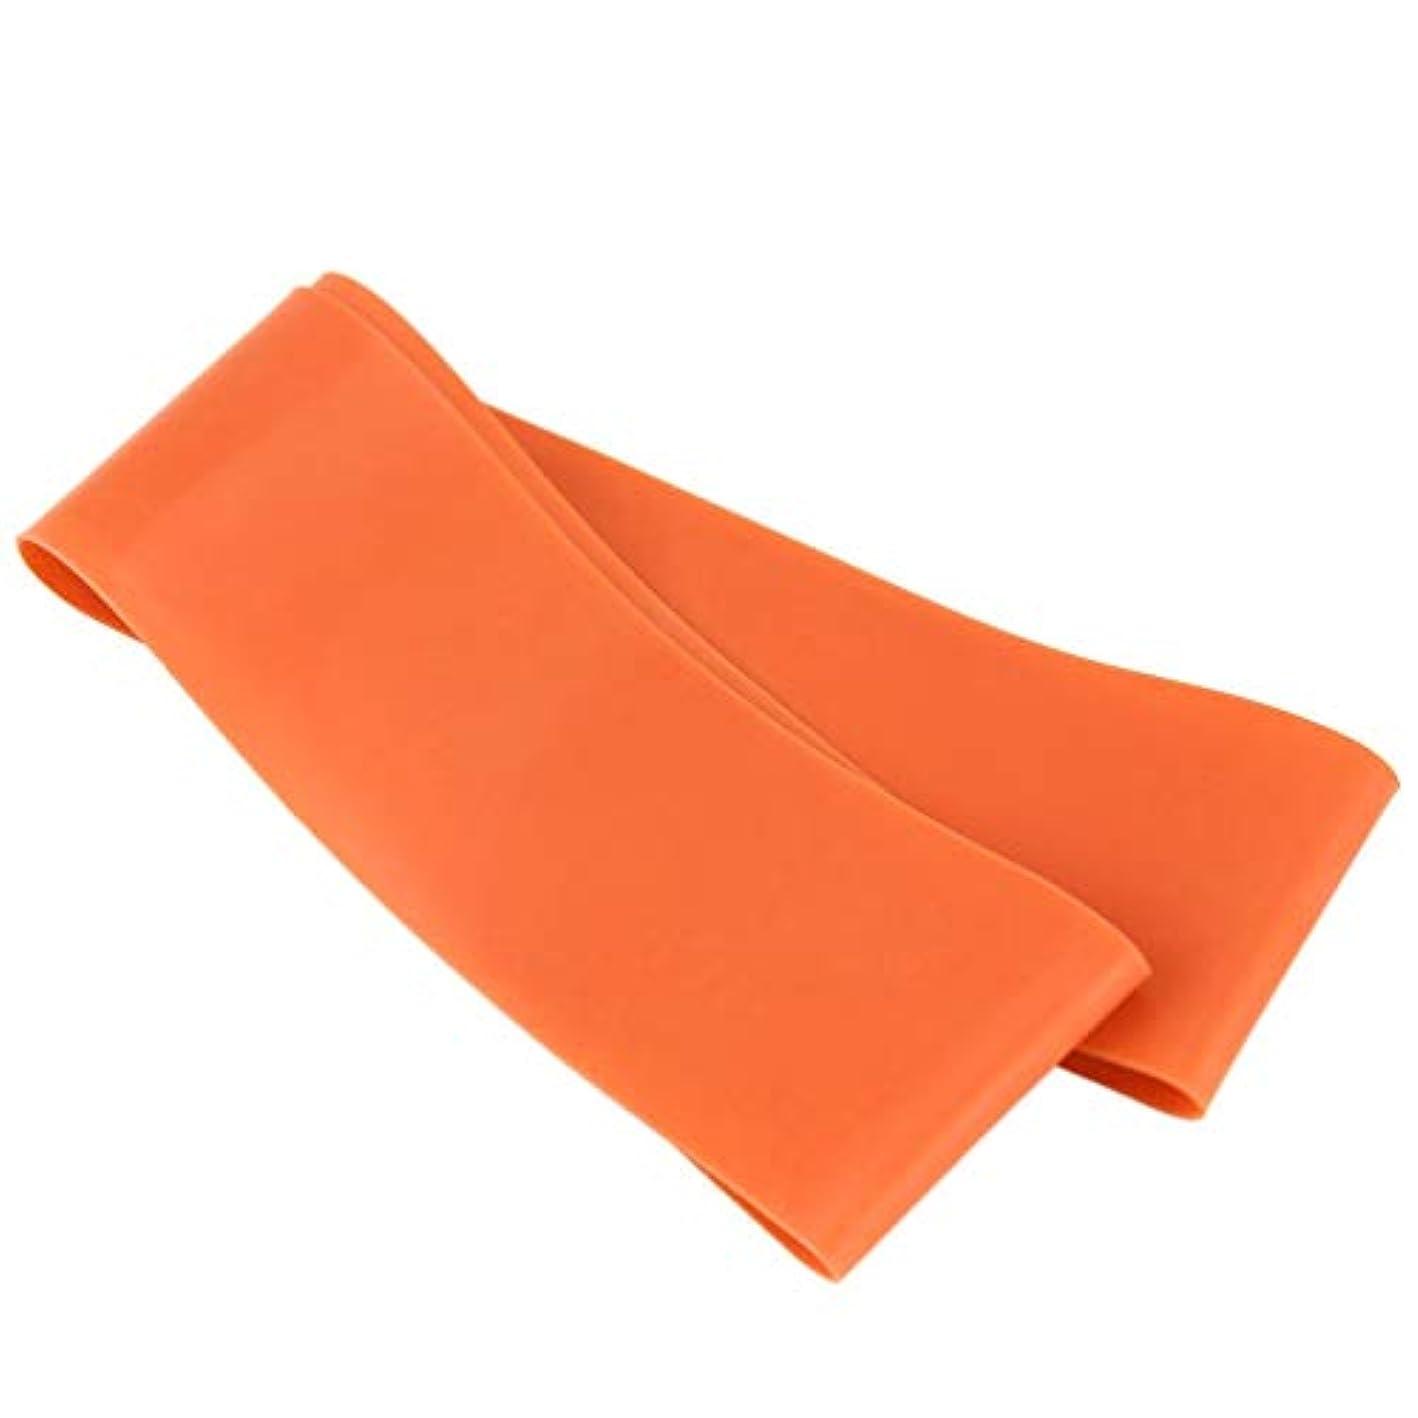 私たちのものカーフドリル滑り止めの伸縮性のあるゴム製伸縮性がある伸縮性があるヨガベルトバンド引きロープの張力抵抗バンドループ強度のためのフィットネスヨガツール - オレンジ